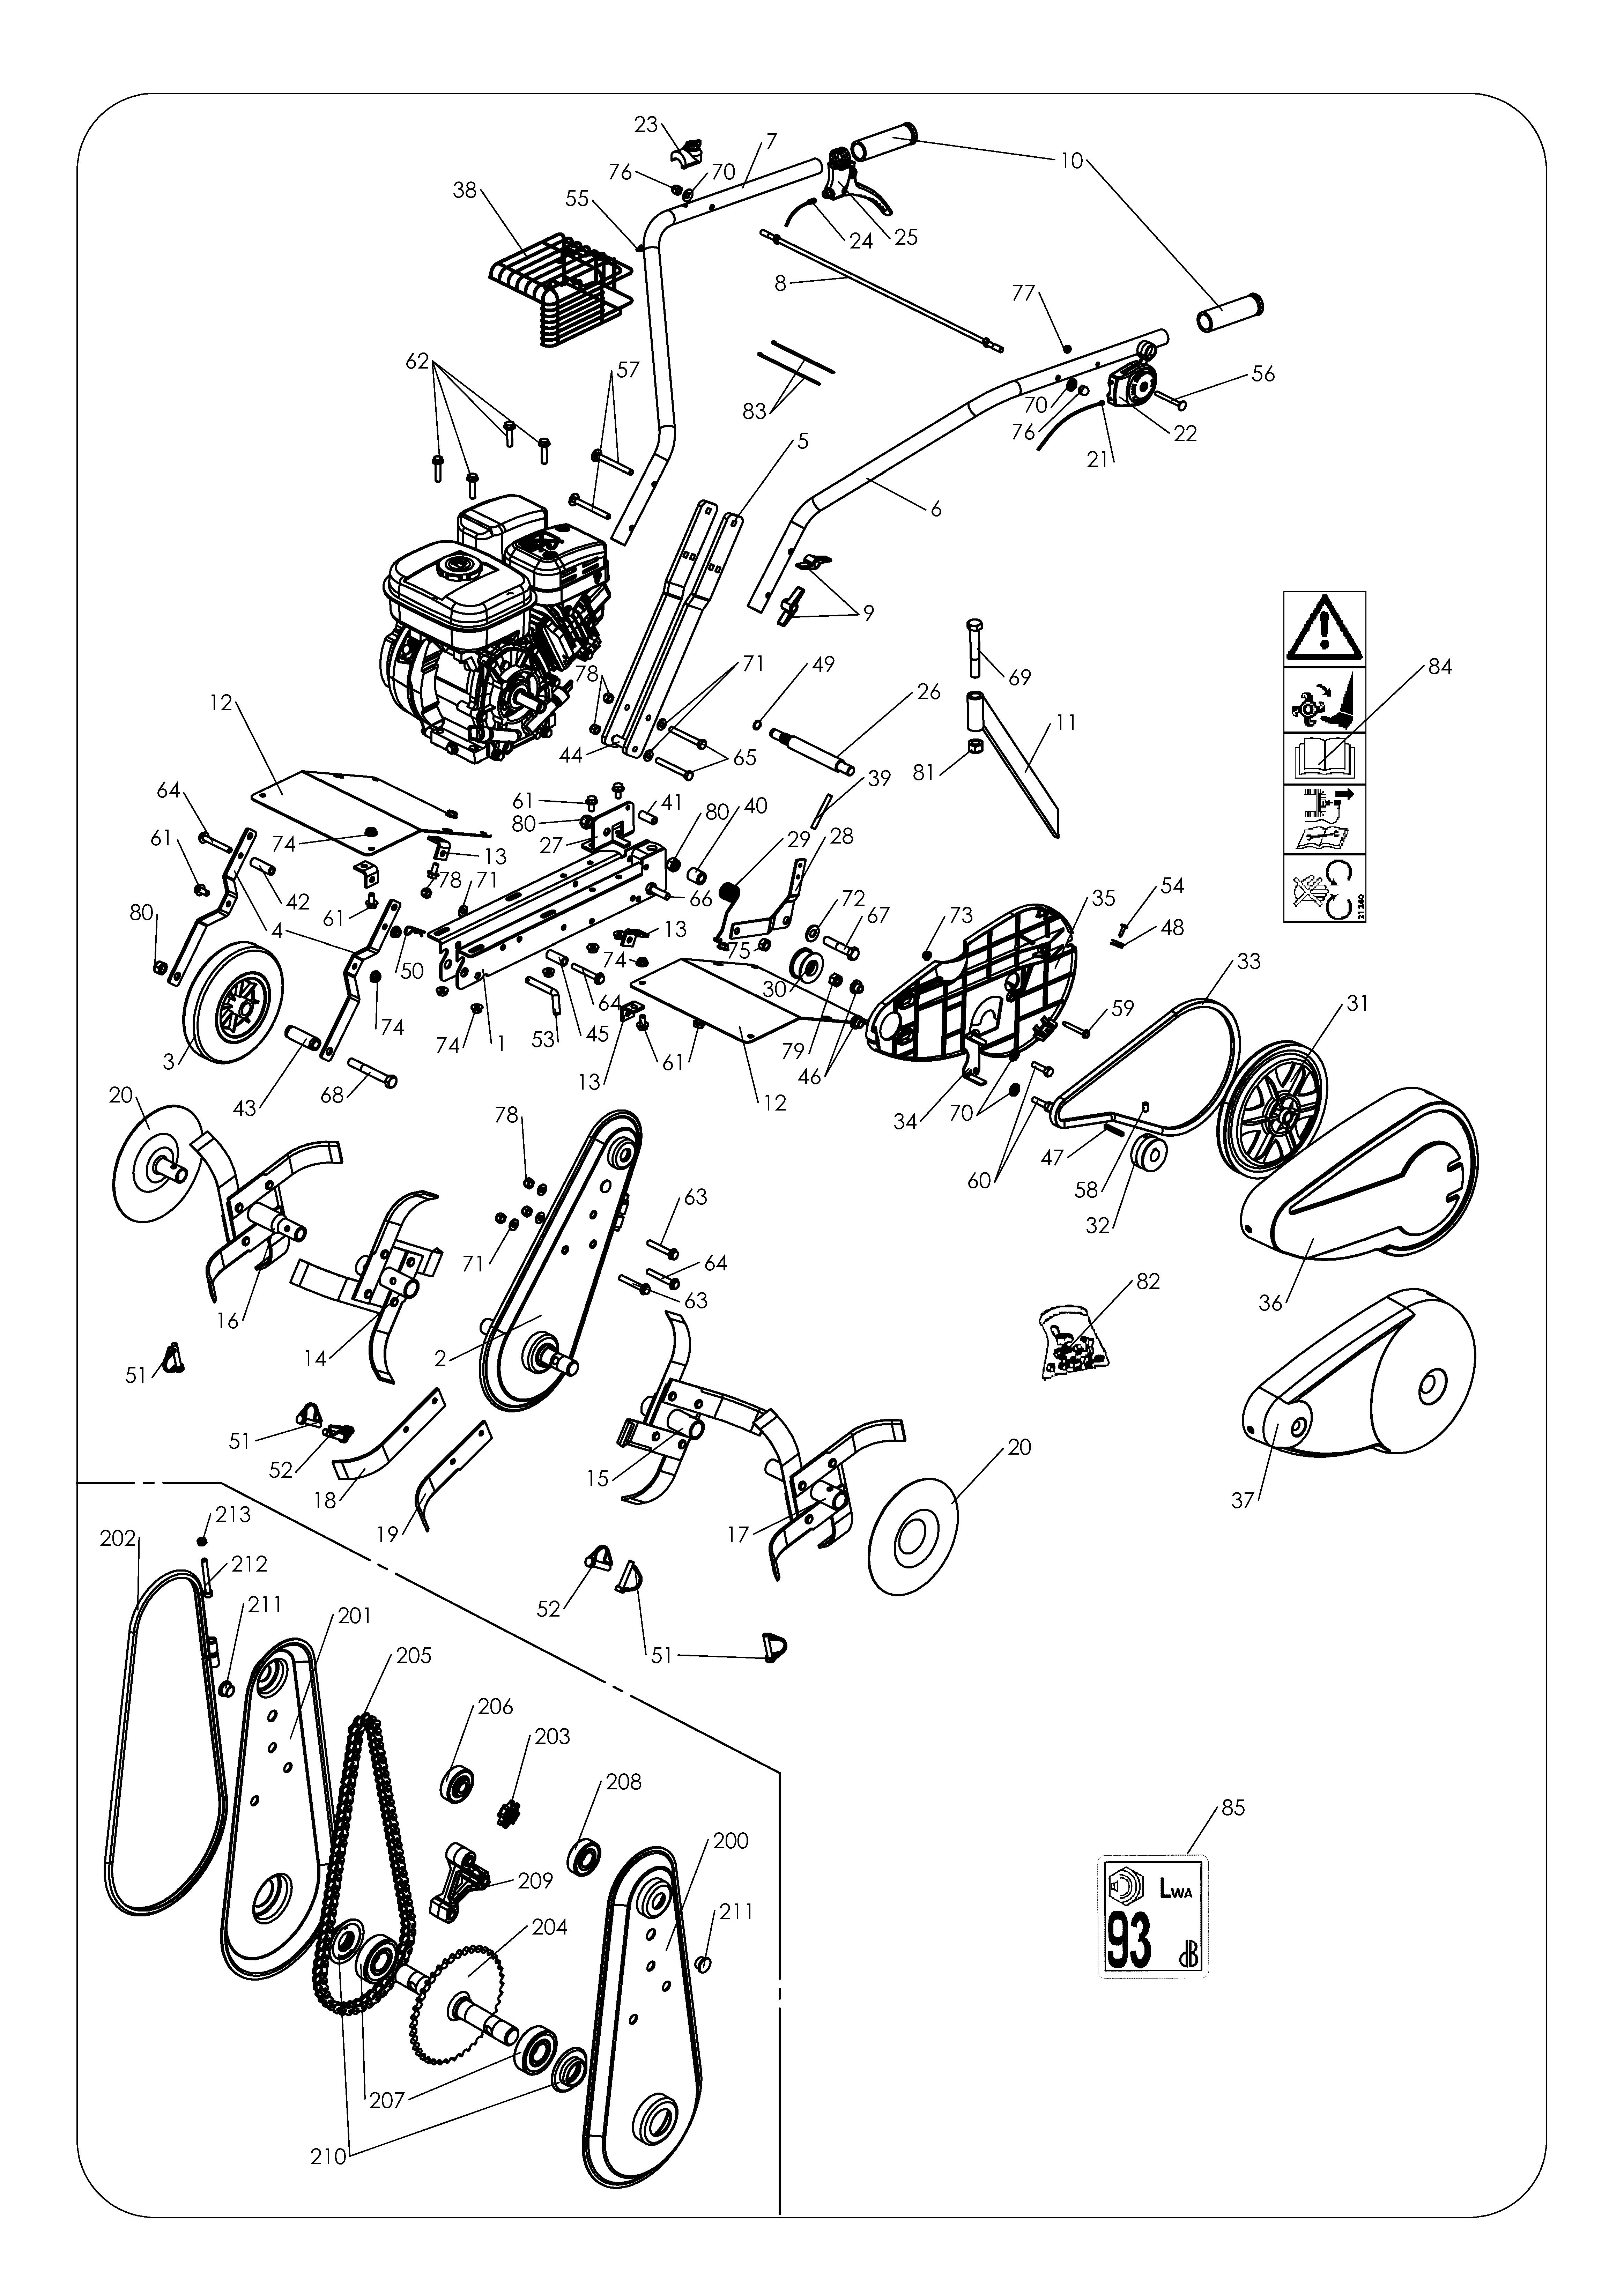 MH 3 PRO Motobineuse OLEMAC Dessins pièces -  Vue éclatée